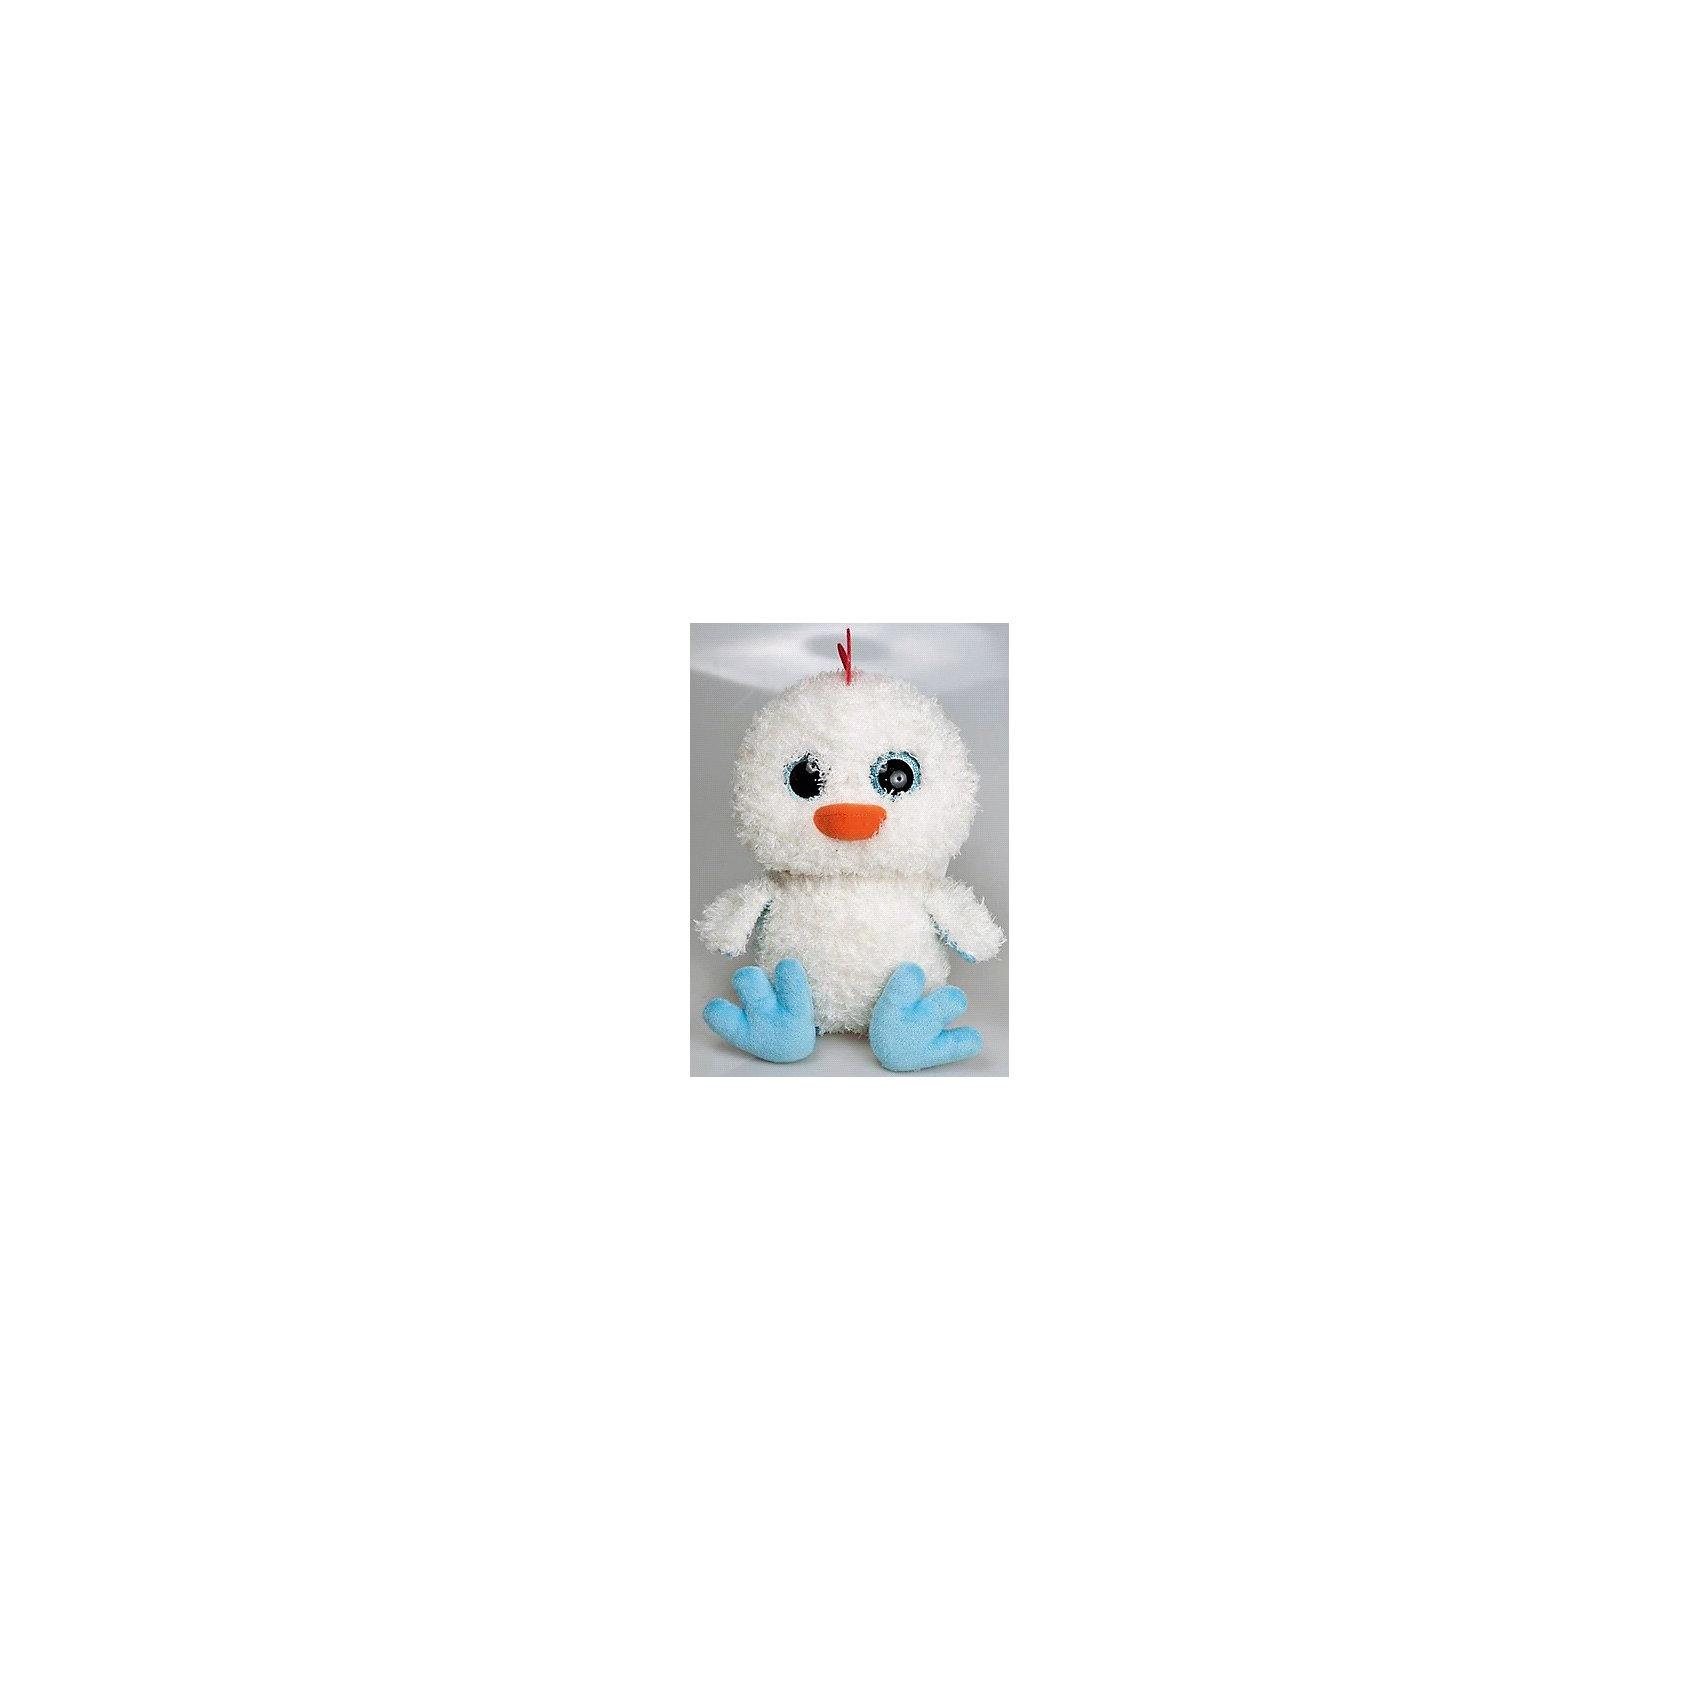 Мягкая игрушка Цыпленок глазастик, FancyХарактеристики:<br><br>• высота игрушки: 25 см;<br>• тип игрушки: мягконабивная;<br>• материал: текстиль, синтетический наполнитель. <br><br>Мягкая игрушка Цыпленок глазастик с огромными глазками будет сопровождать вашего малыша на прогулках, в садике, в кроватке. Цыпленок мягконабивной, приятный на ощупь, изготовлен из качественных материалов. Белоснежный малыш-цыпленок с клювиком и хохолком станет надежным другом вашего крохи.<br><br>Мягкую игрушку Цыпленок глазастик, Fancy можно купить в нашем магазине.<br><br>Ширина мм: 140<br>Глубина мм: 150<br>Высота мм: 230<br>Вес г: 135<br>Возраст от месяцев: 36<br>Возраст до месяцев: 2147483647<br>Пол: Унисекс<br>Возраст: Детский<br>SKU: 5268994